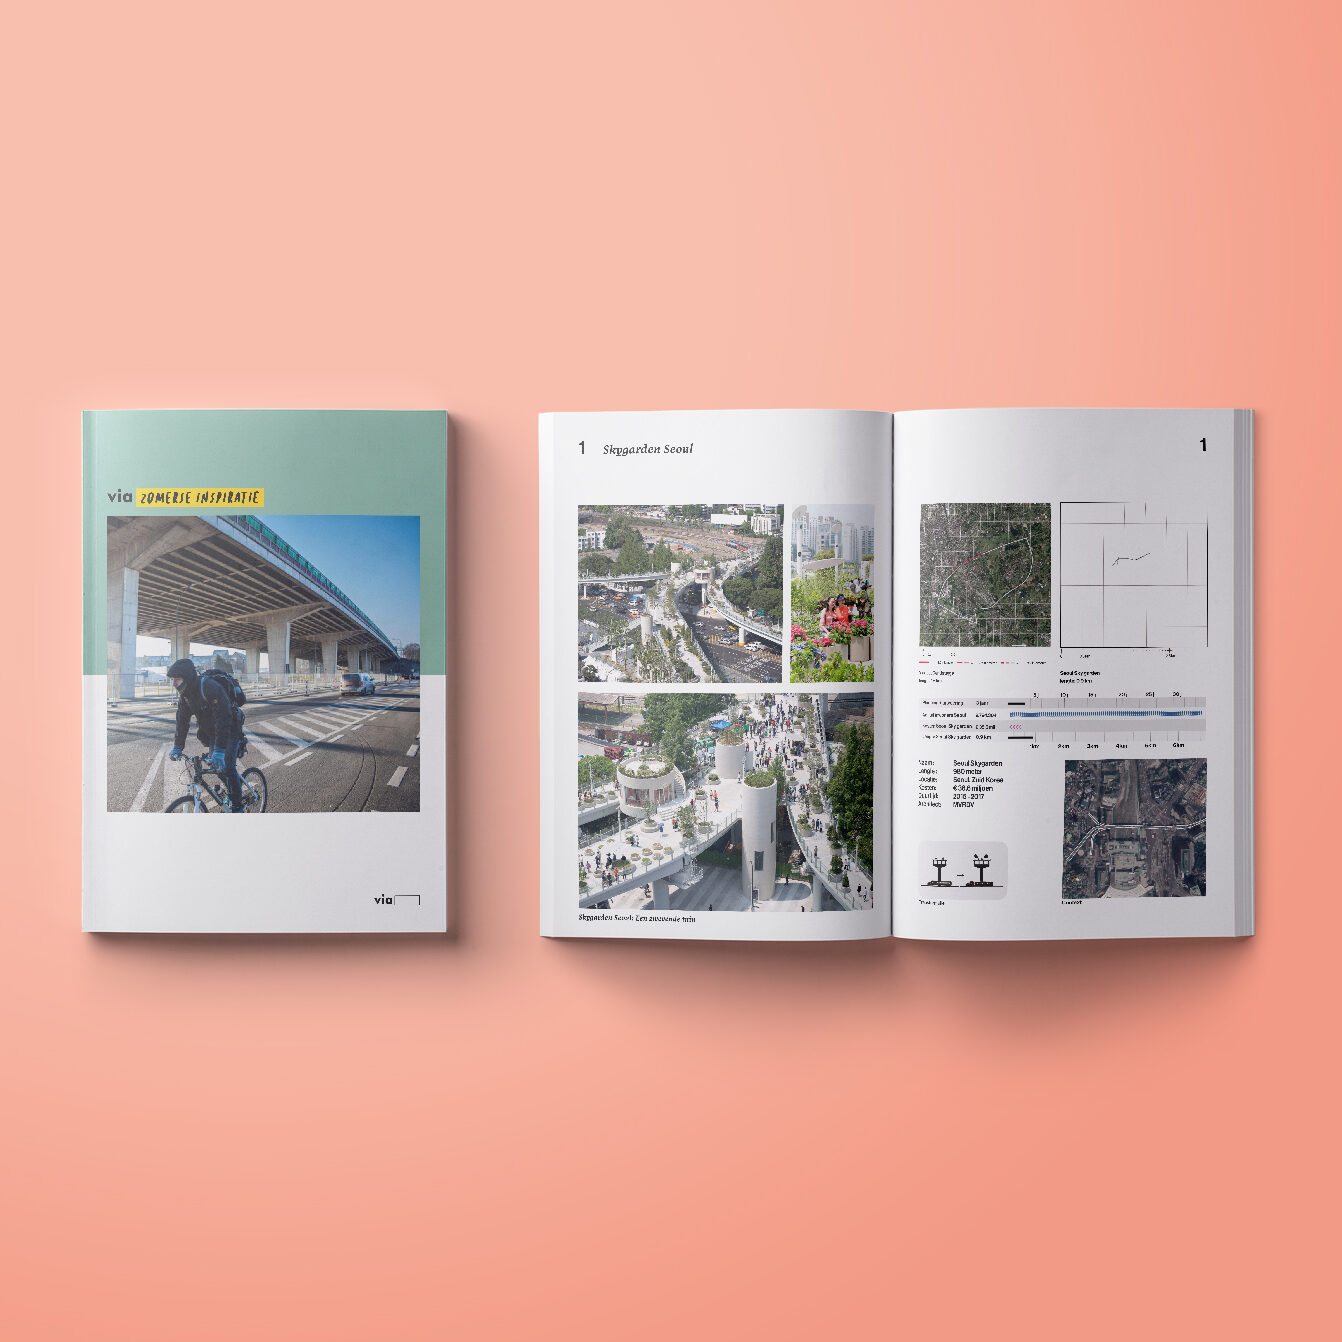 een foto van de cover en de paginas over de skygarden seoul